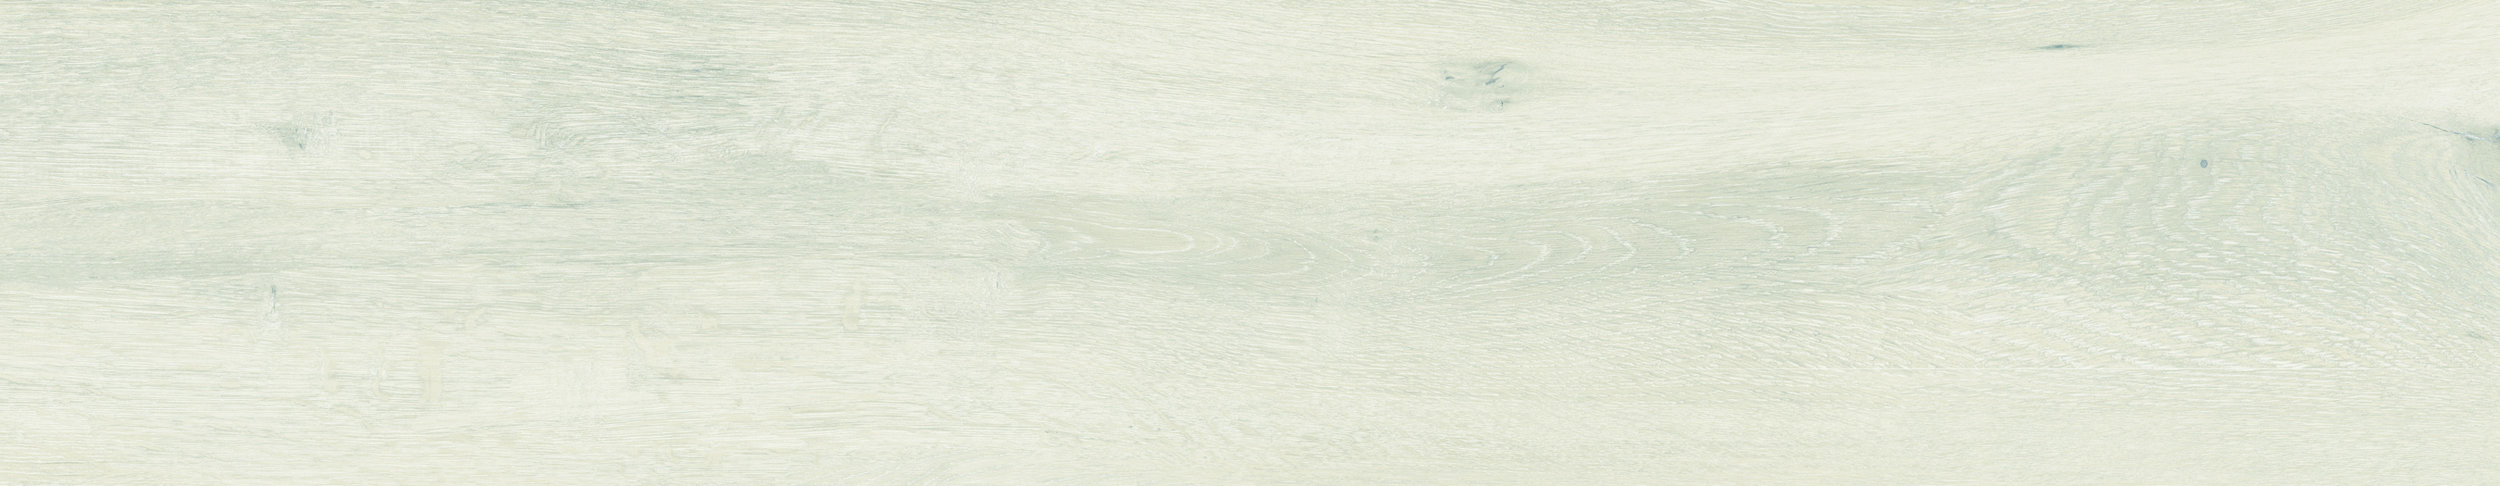 Ambat Blanco   · 23.3x120